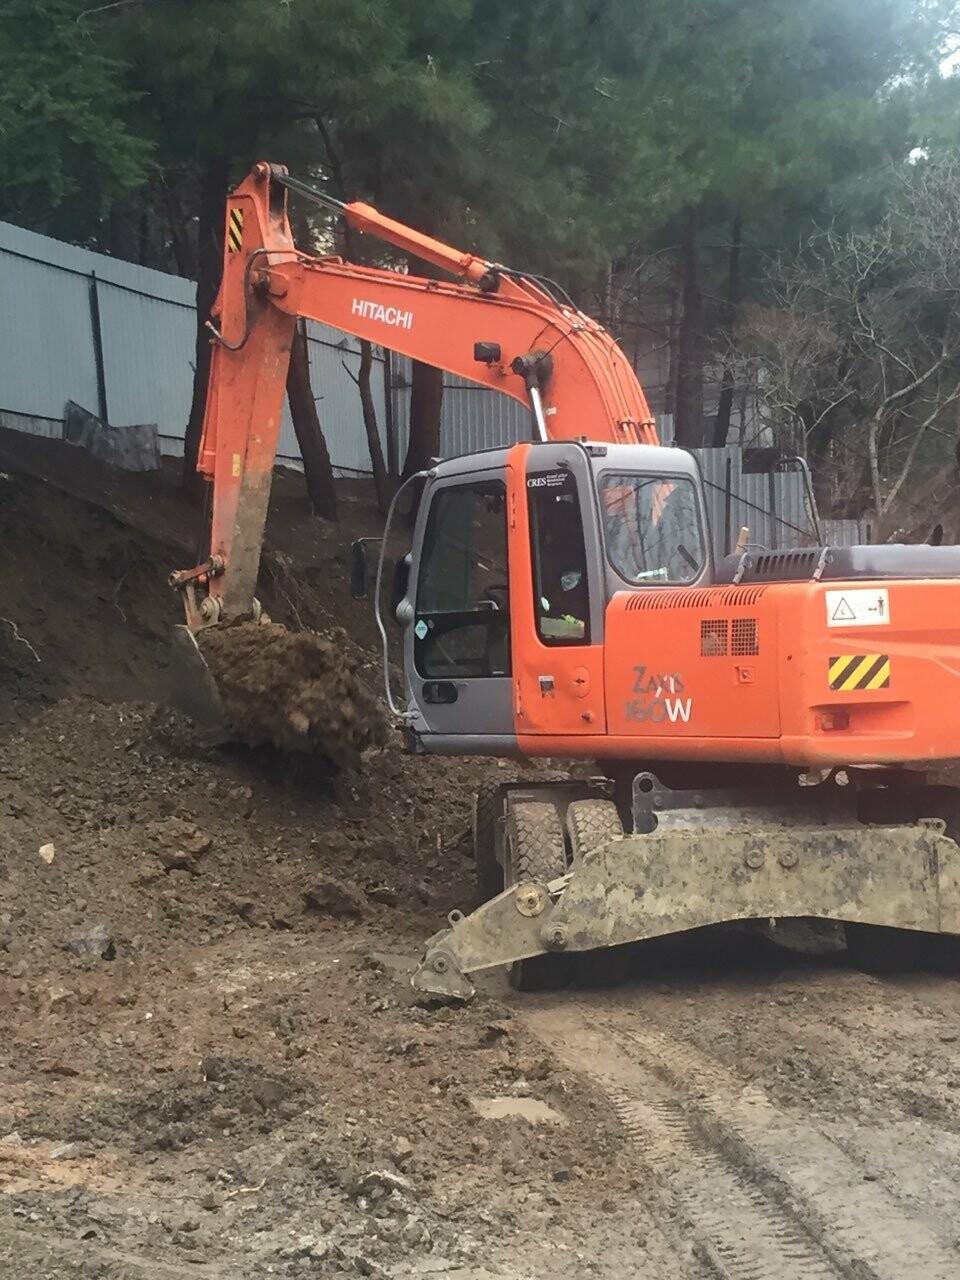 Жители Ялты возмущены строительством на склоне в районе улицы Мисхорская, фото-1